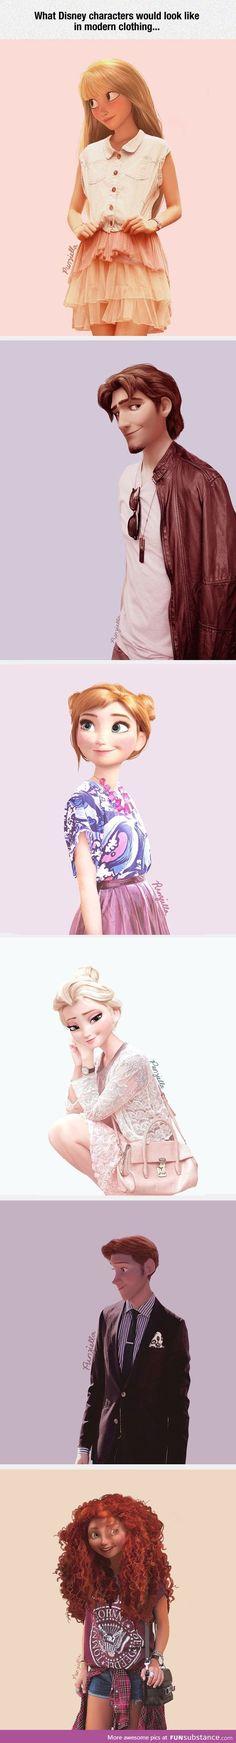 Personnages de Disney dans les vêtements modernes